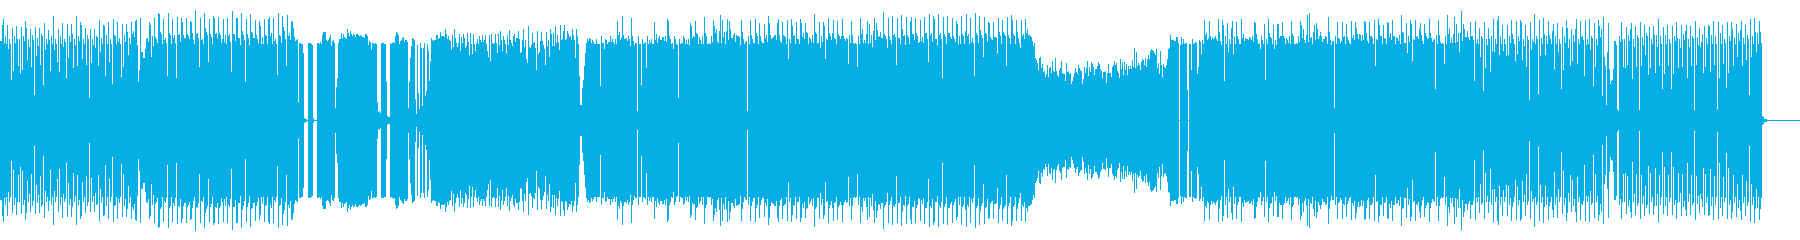 コミカルでグルーヴィーな四つ打ちの再生済みの波形